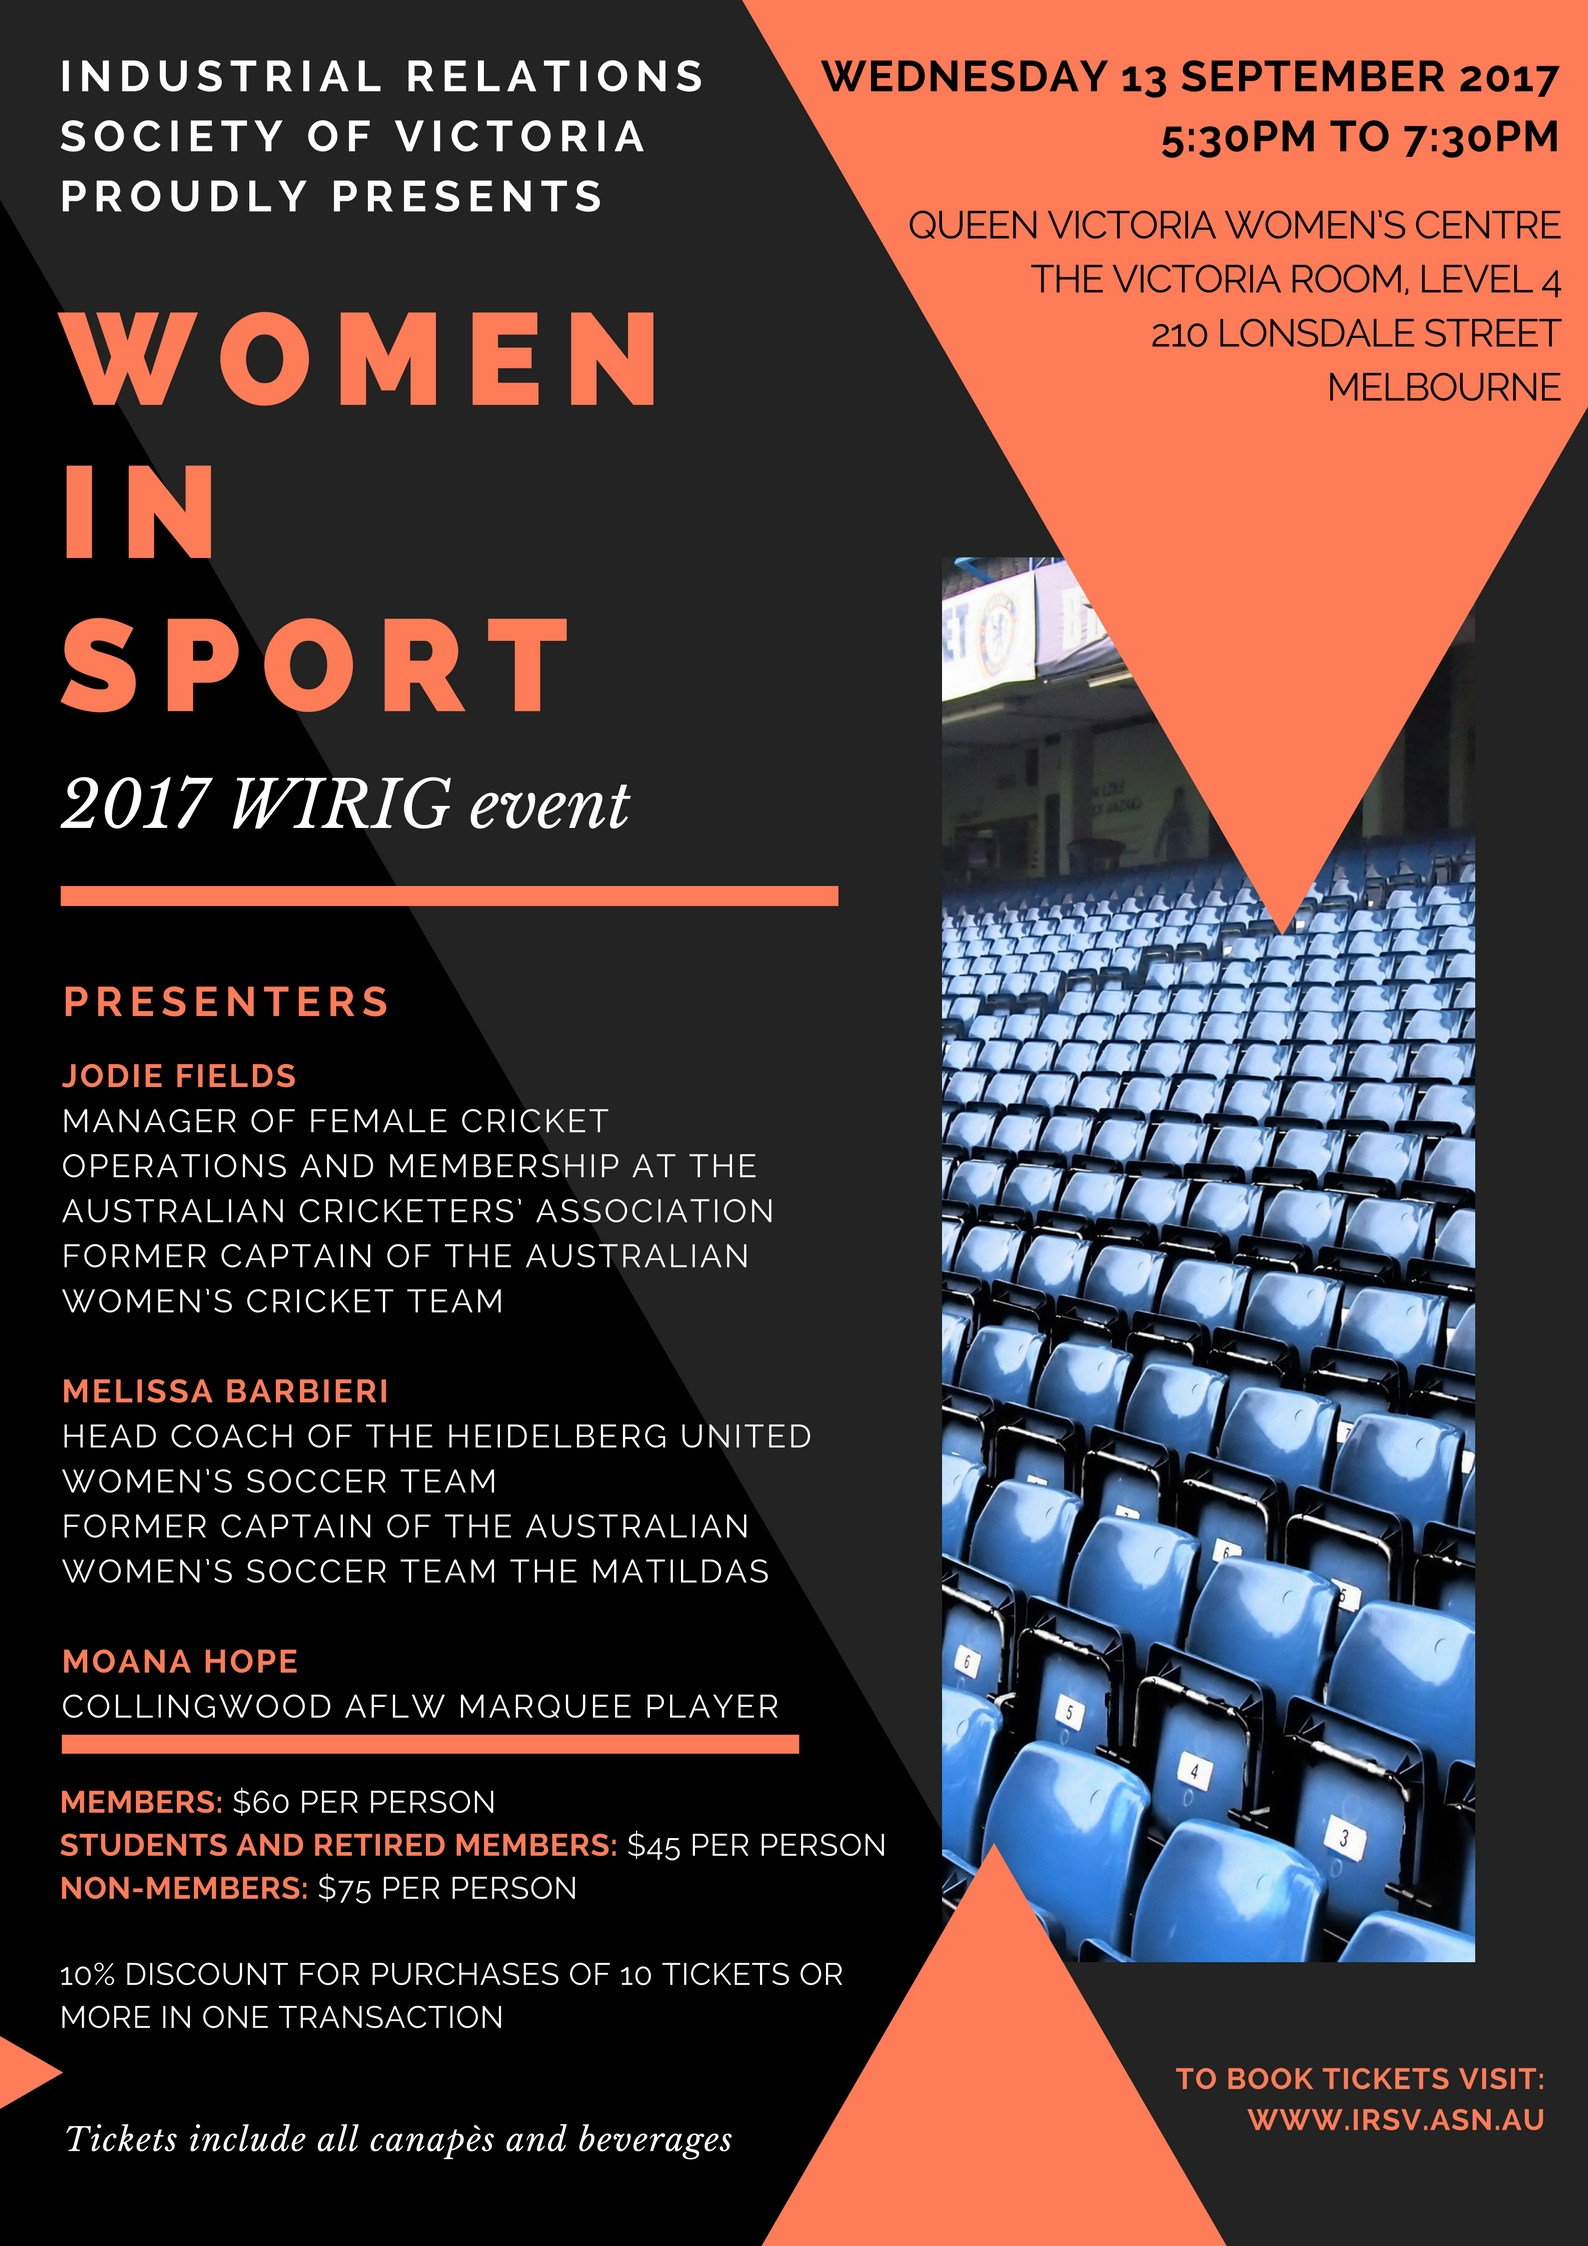 WIRIG Women In Sport Flyer_JPG